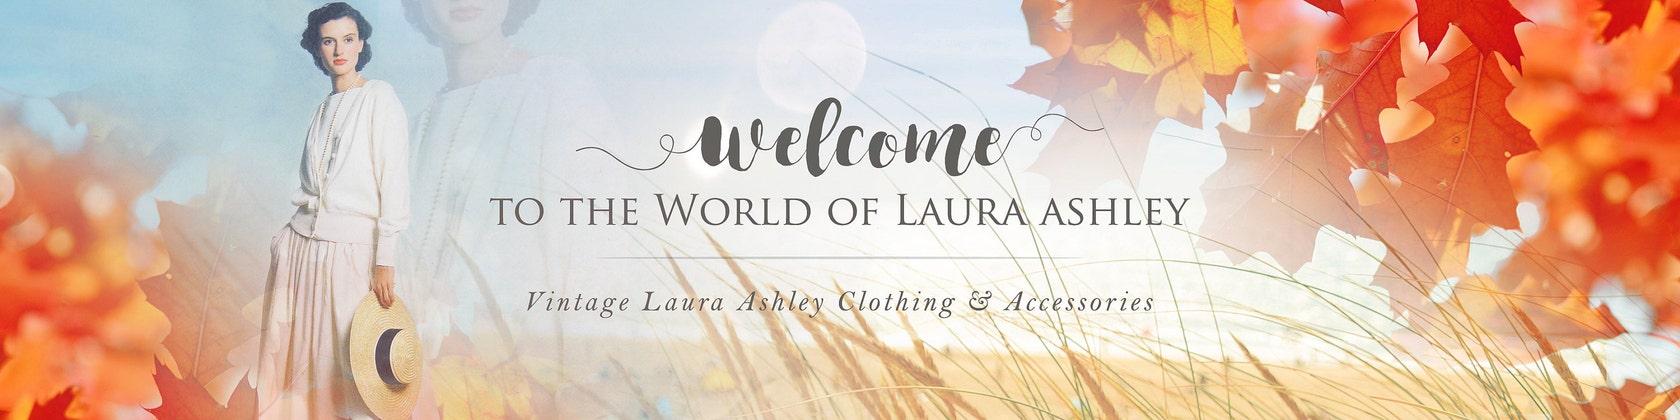 VINTAGE LAURA ASHLEY CLOTHING & ACCESSORIES von VintageLauraAshley